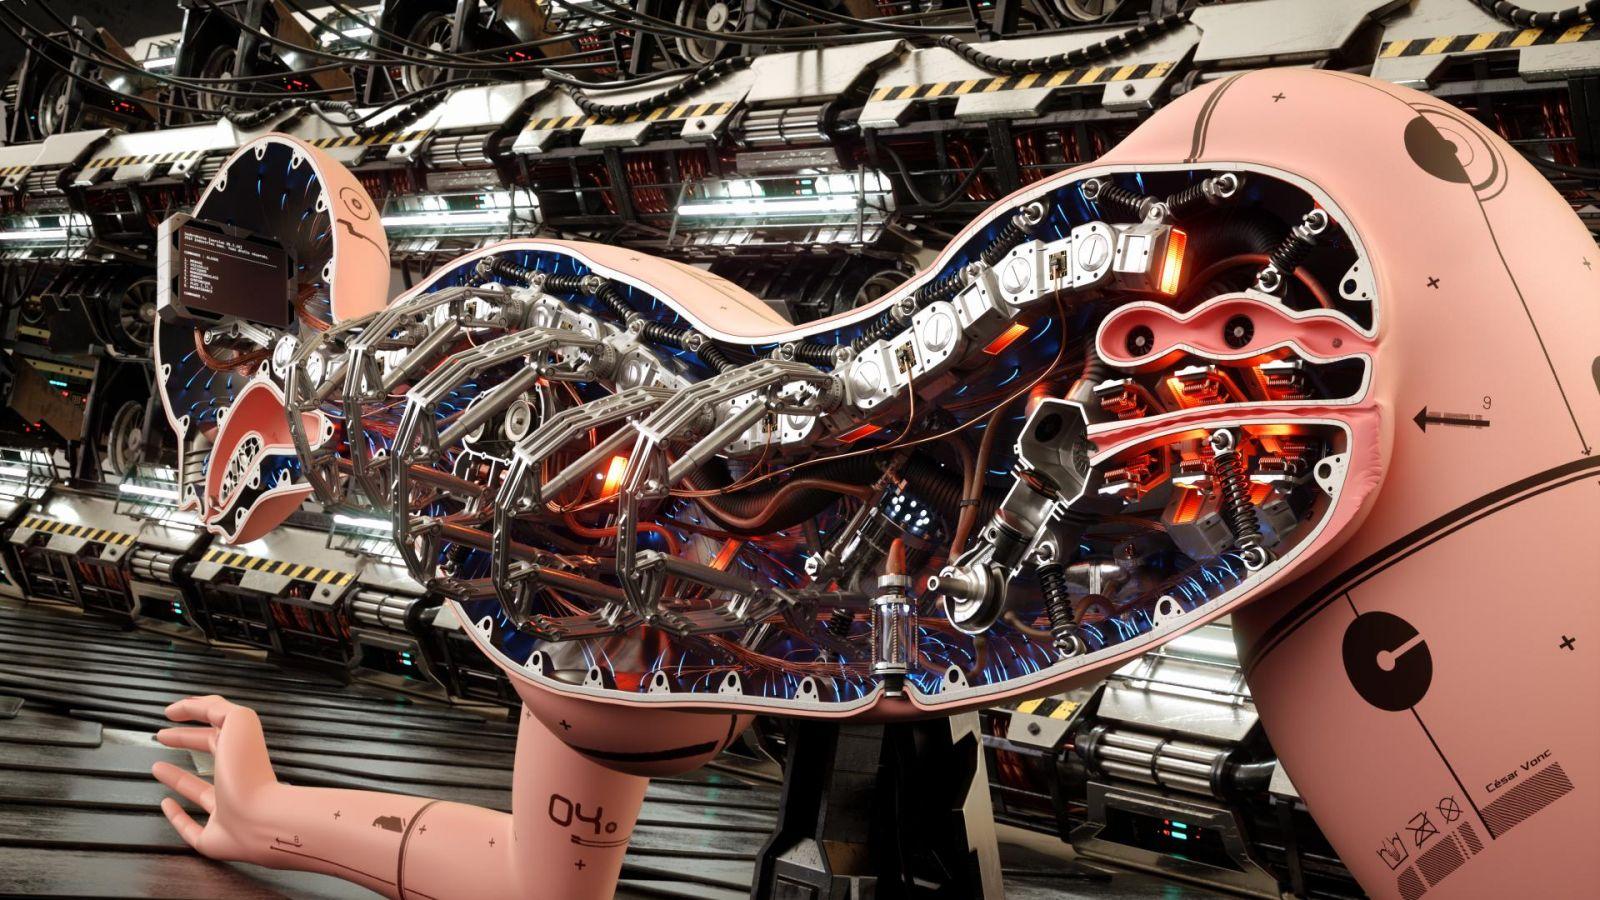 Секс с роботом машиной 3 фотография